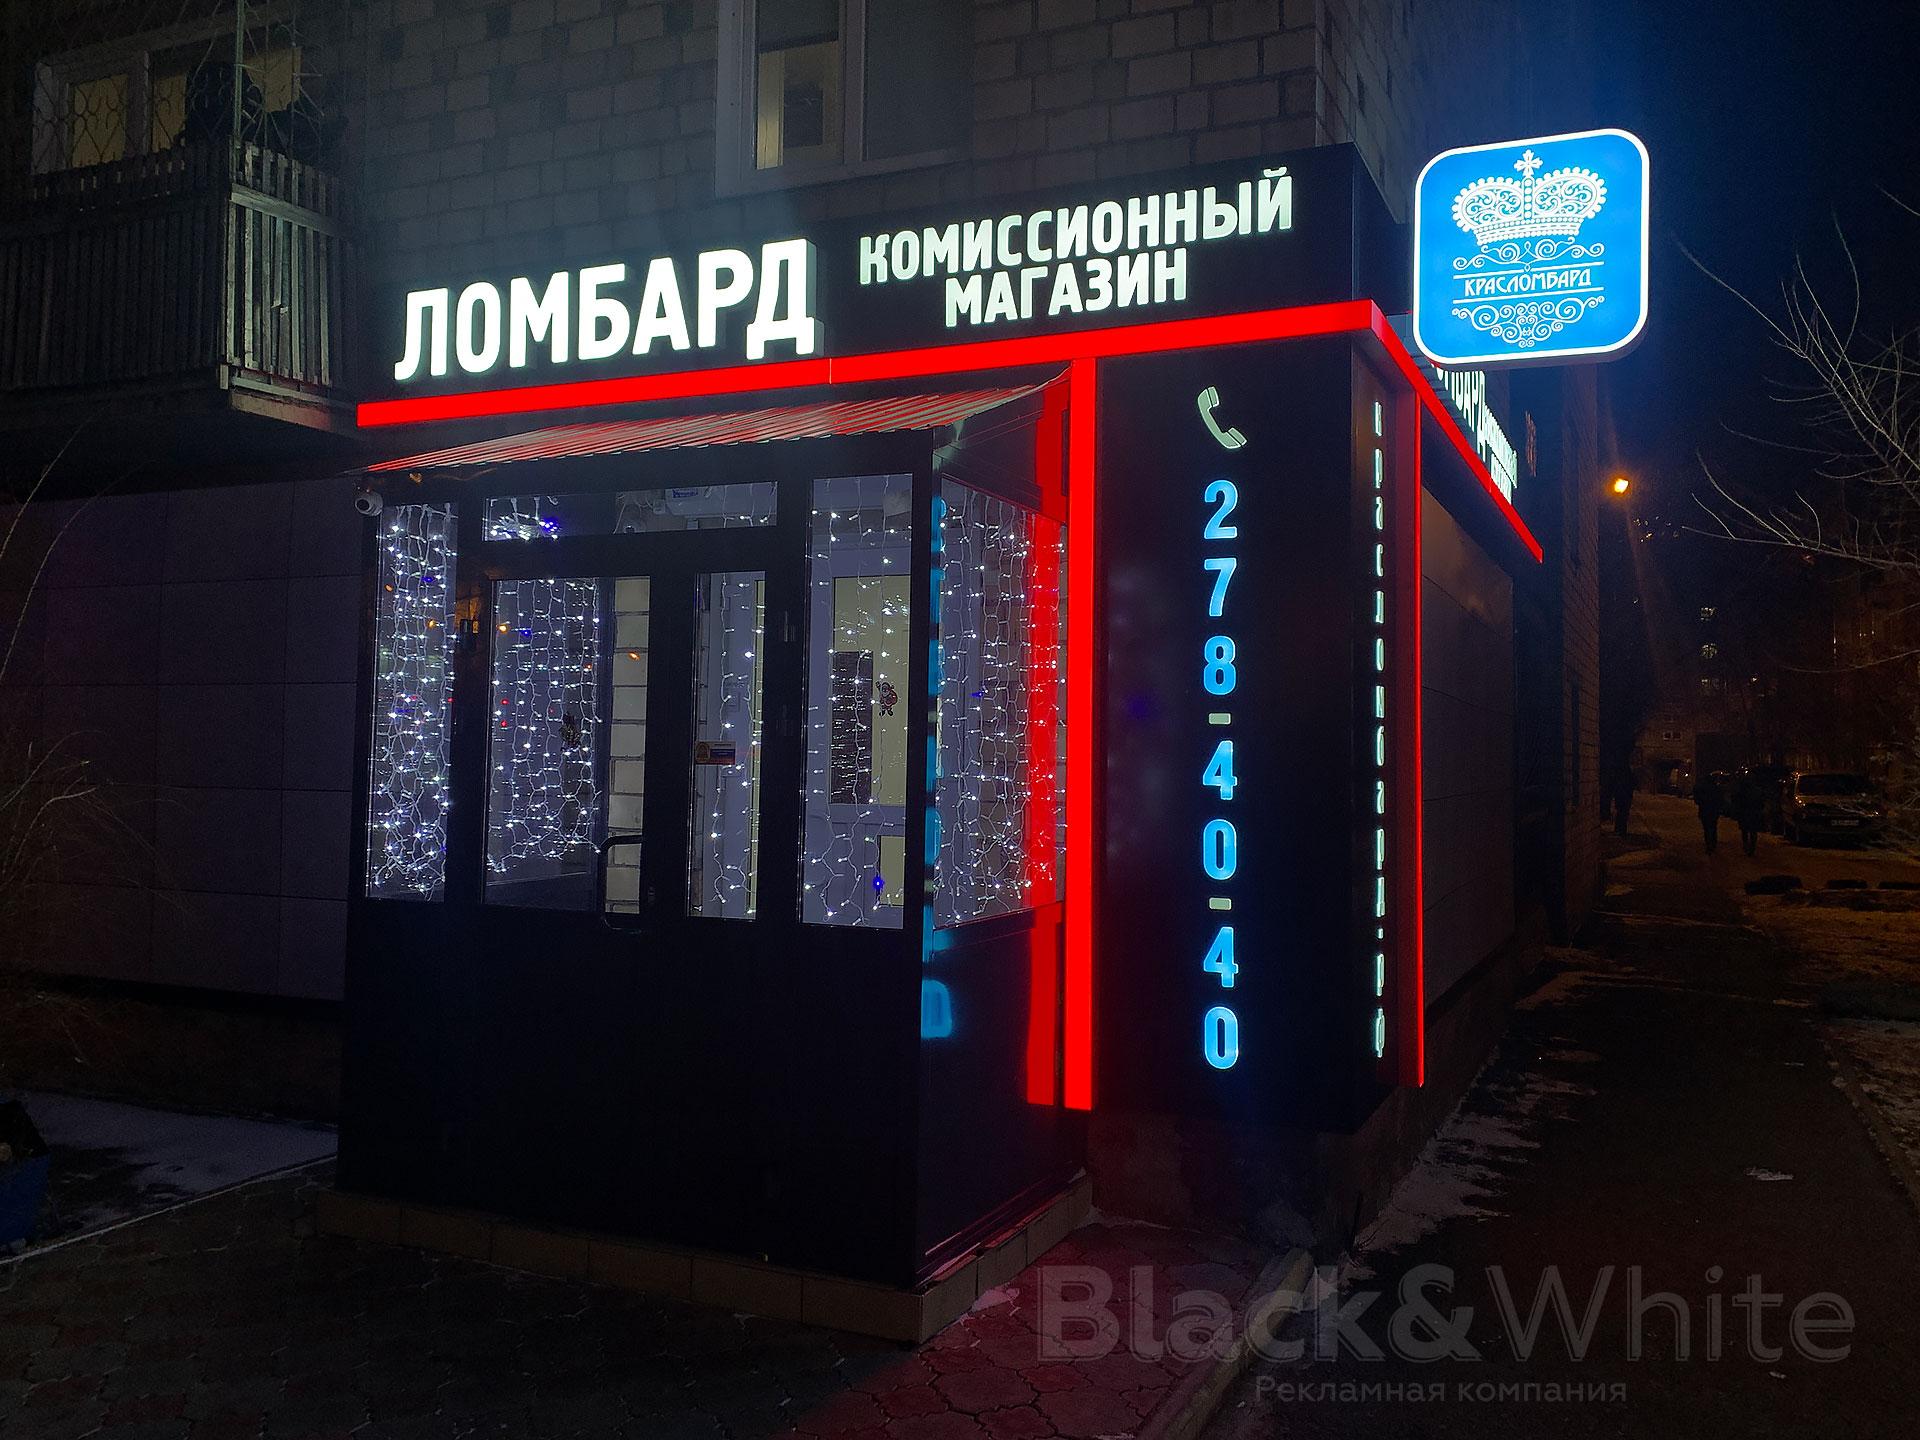 Световая-вывеска-для-комиссионного-магазина-в-Красноярске.jpg